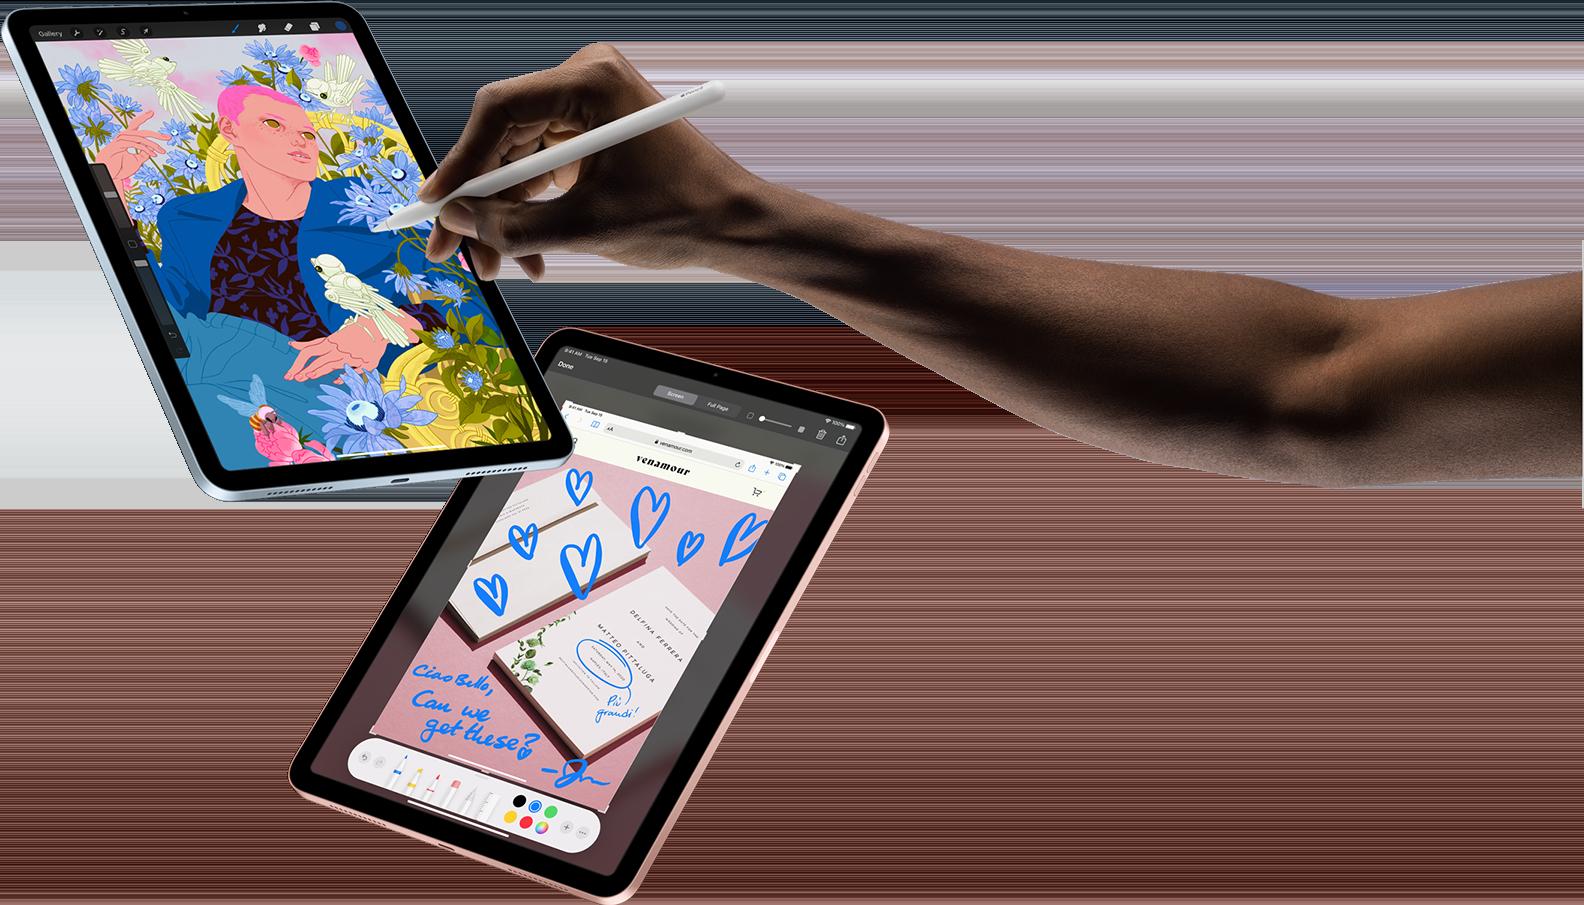 iPad Air - Pencil